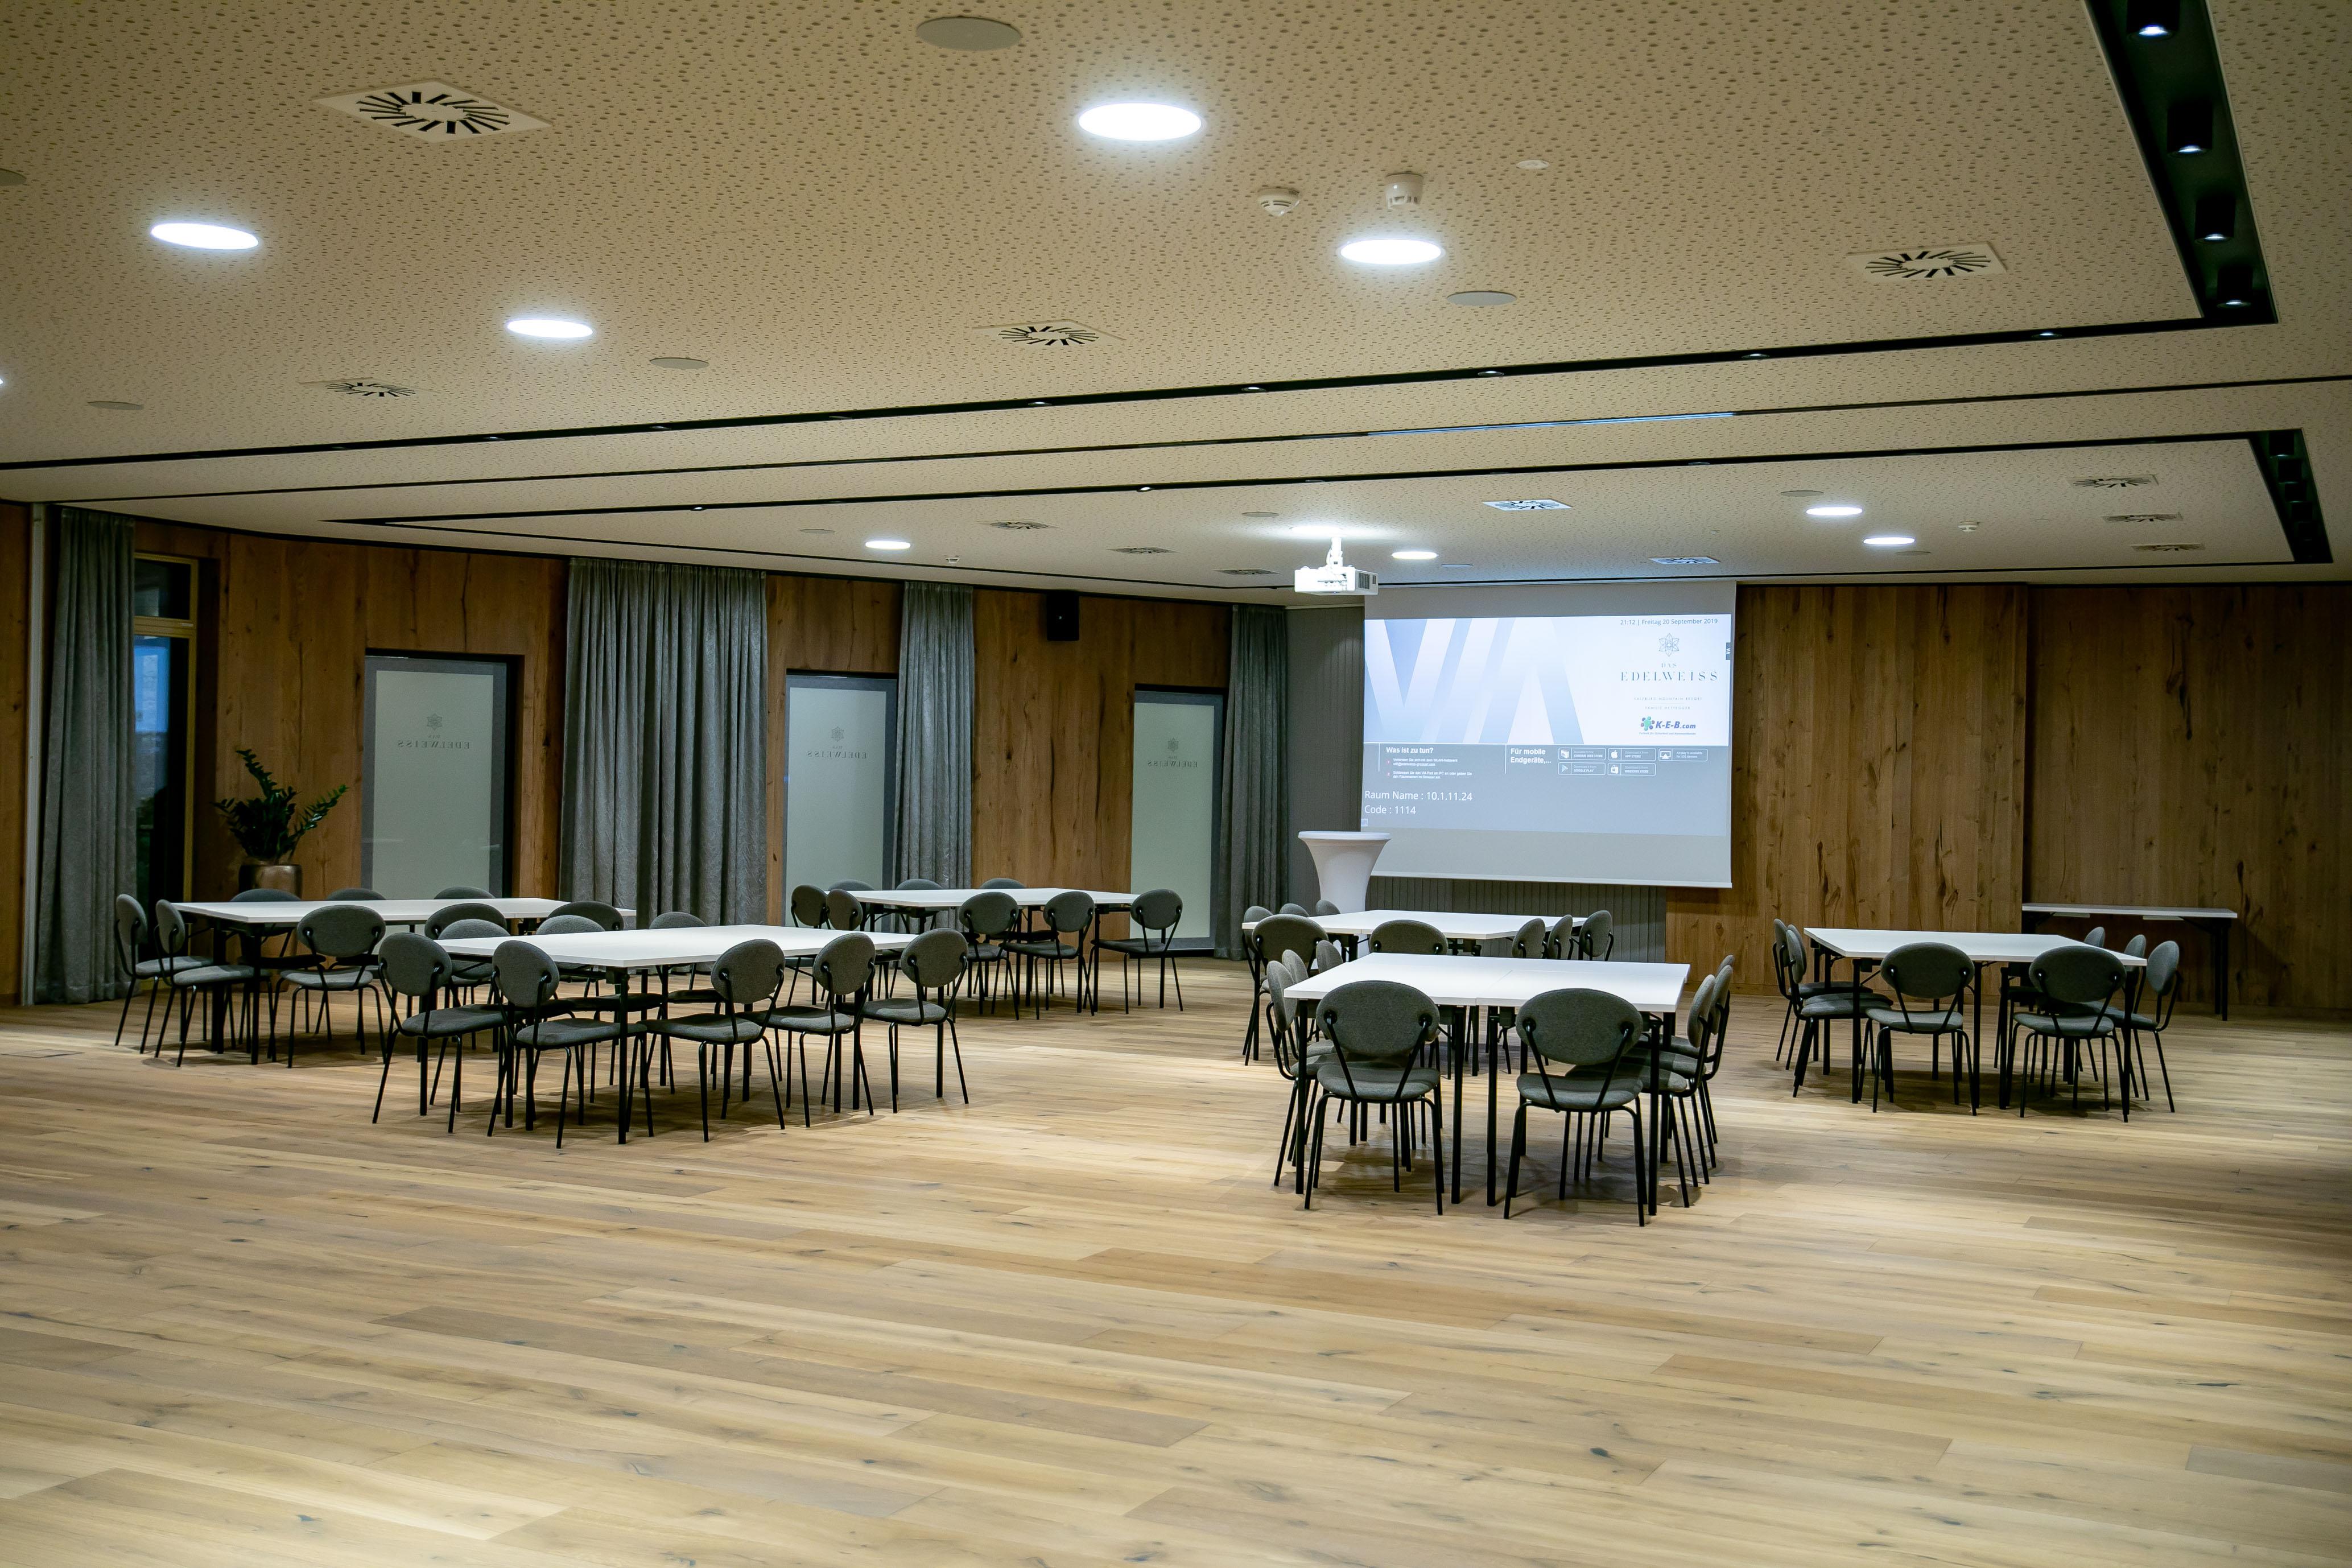 Konferenzsaal im Hotel Edelweiss, Eröffnung nach Umbau, Großarl, Salzburg, 20190920, ©www.wildbild.at